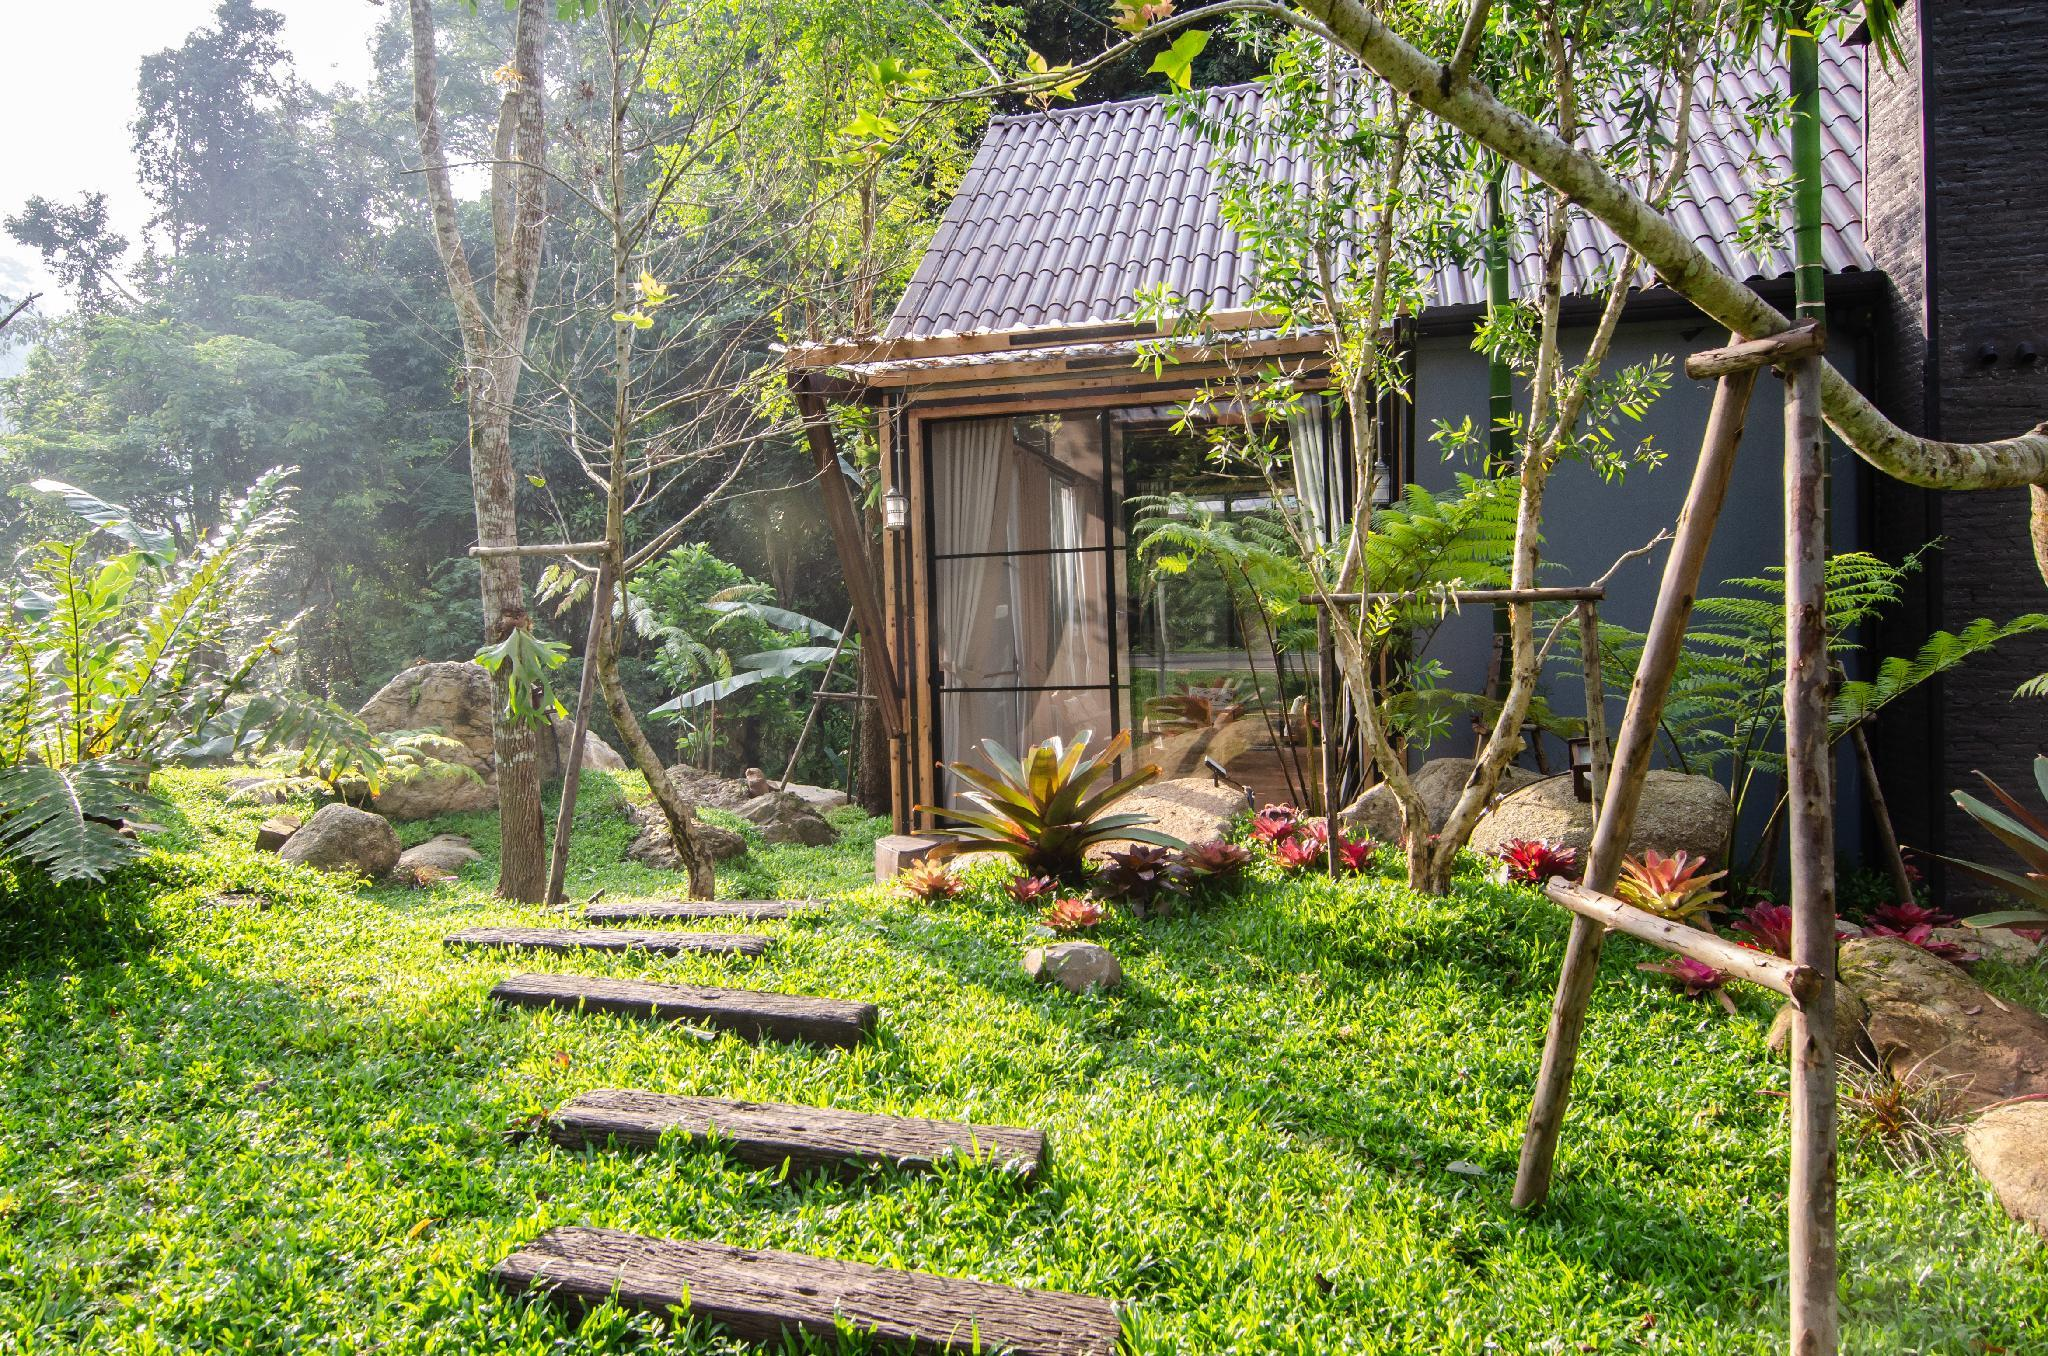 Voraman Hut